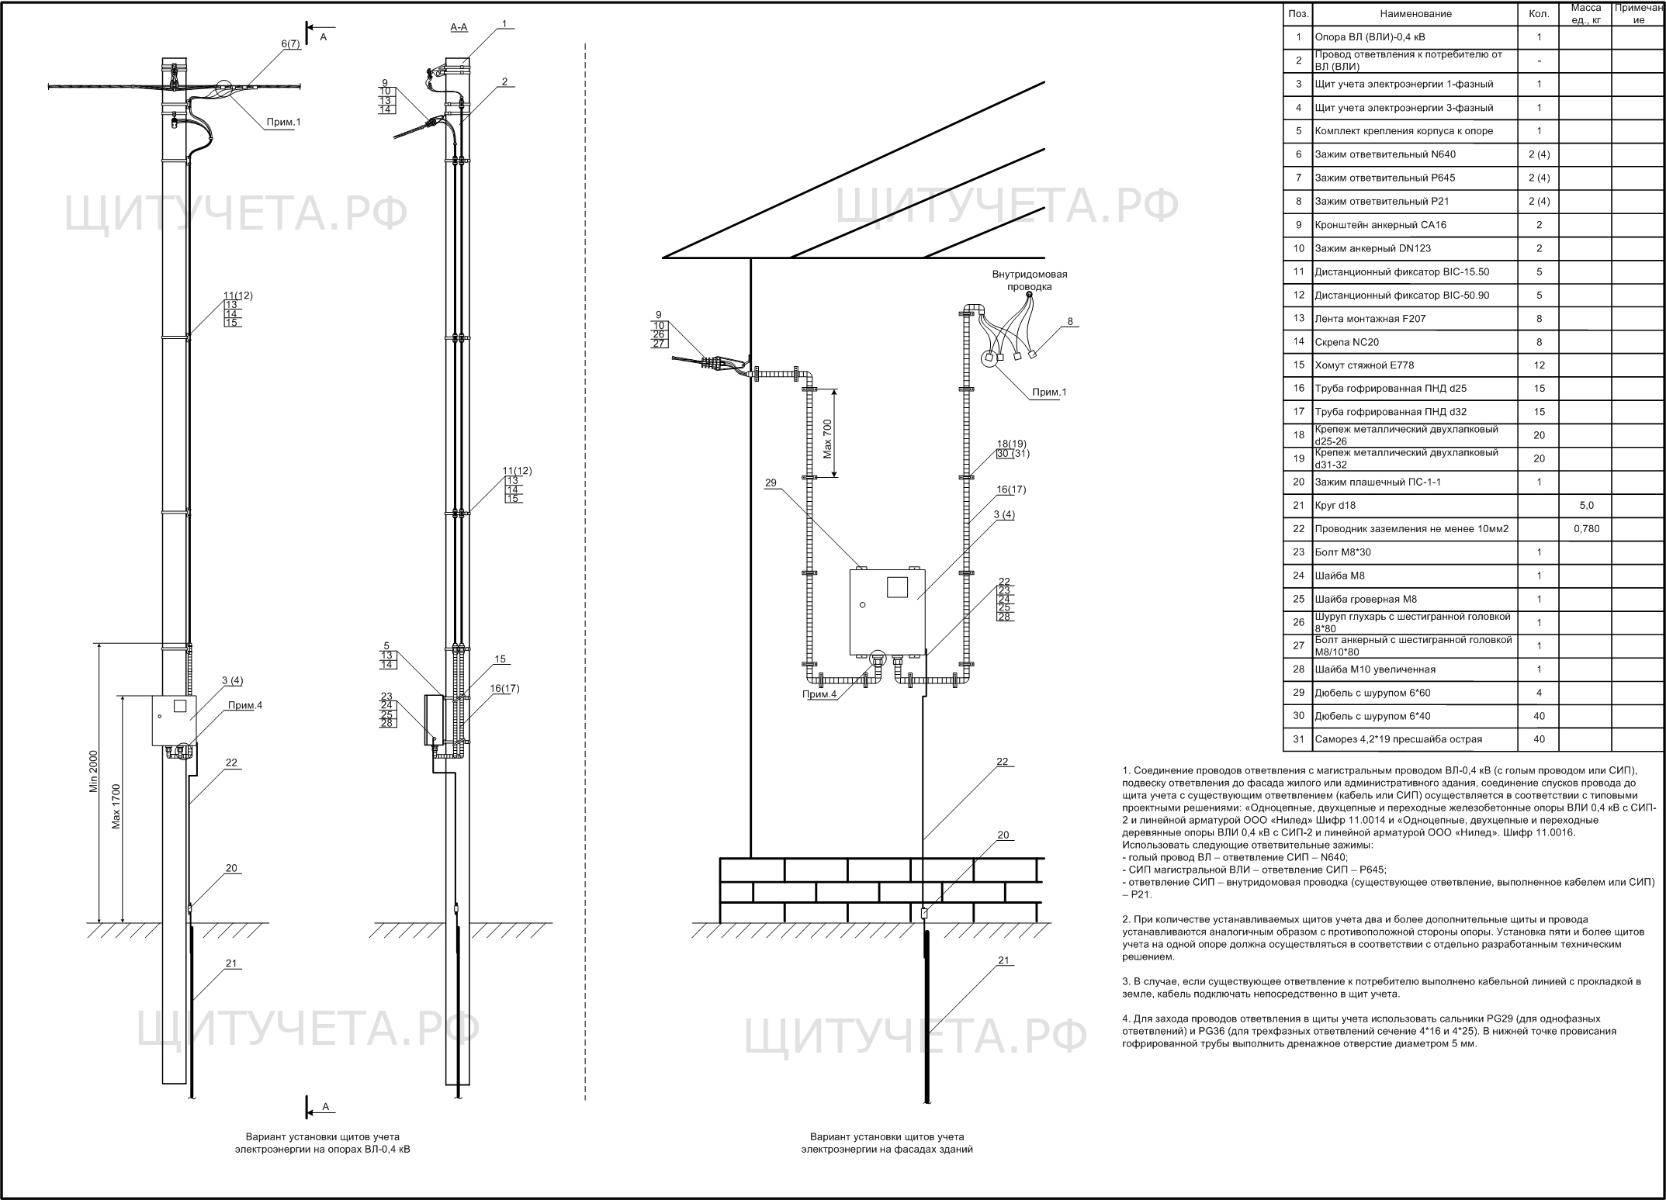 Как подключить строительную площадку к электричеству на время строительства